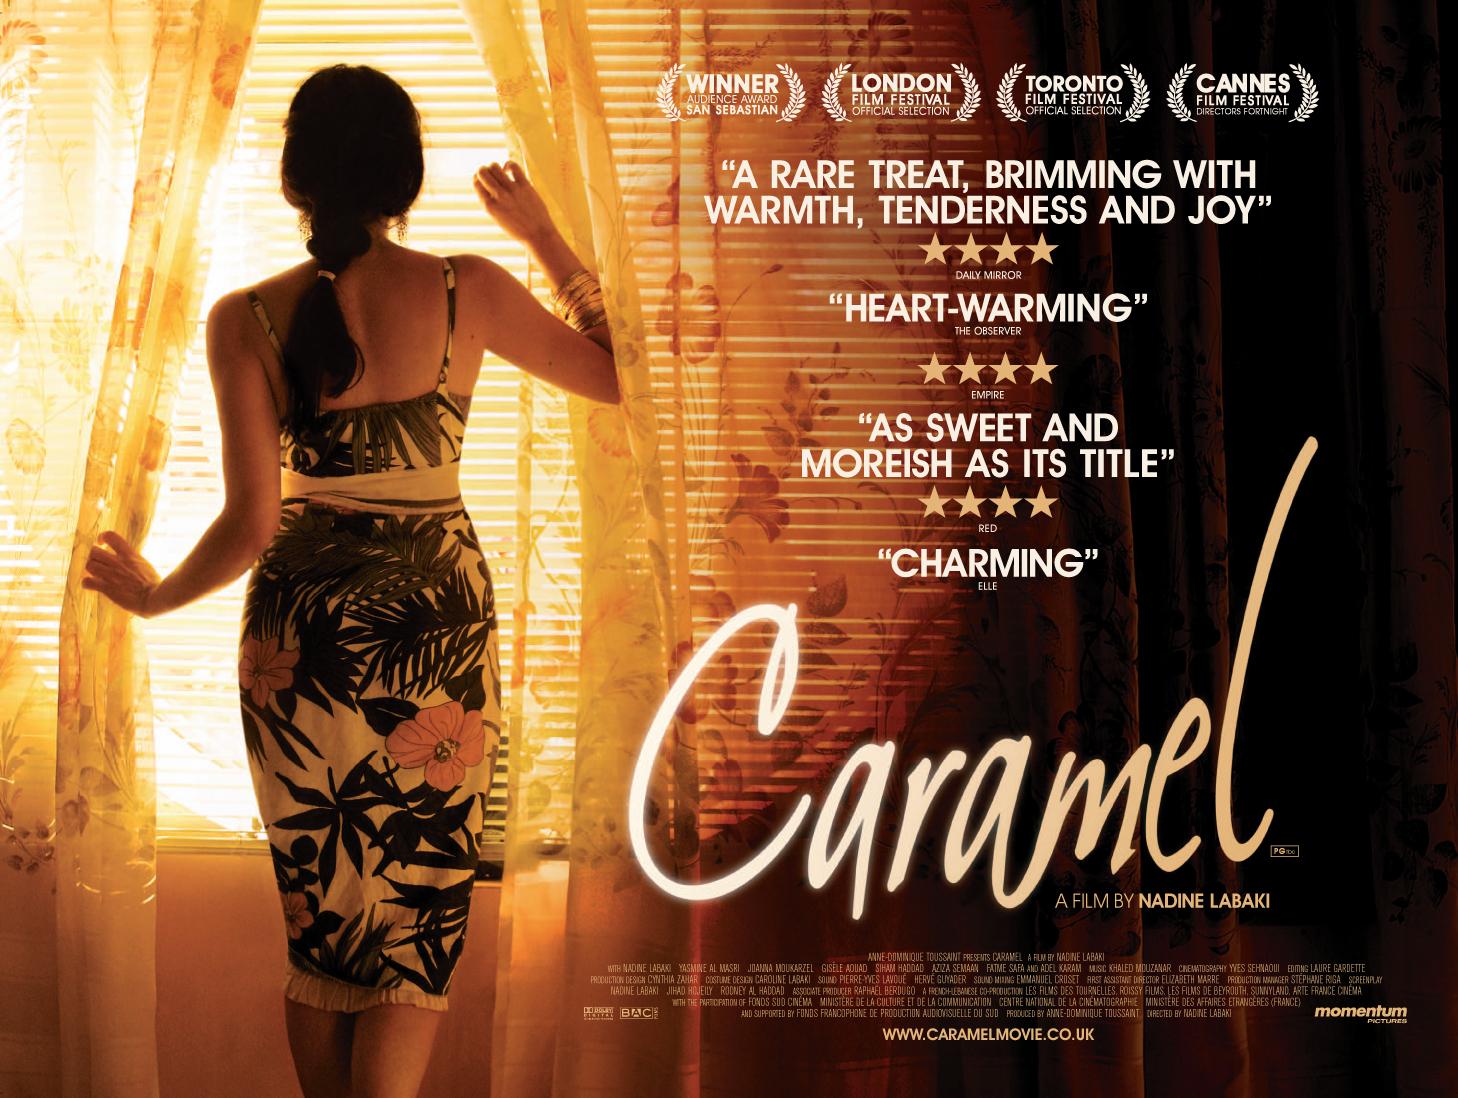 www.caramelmovie.co.uk